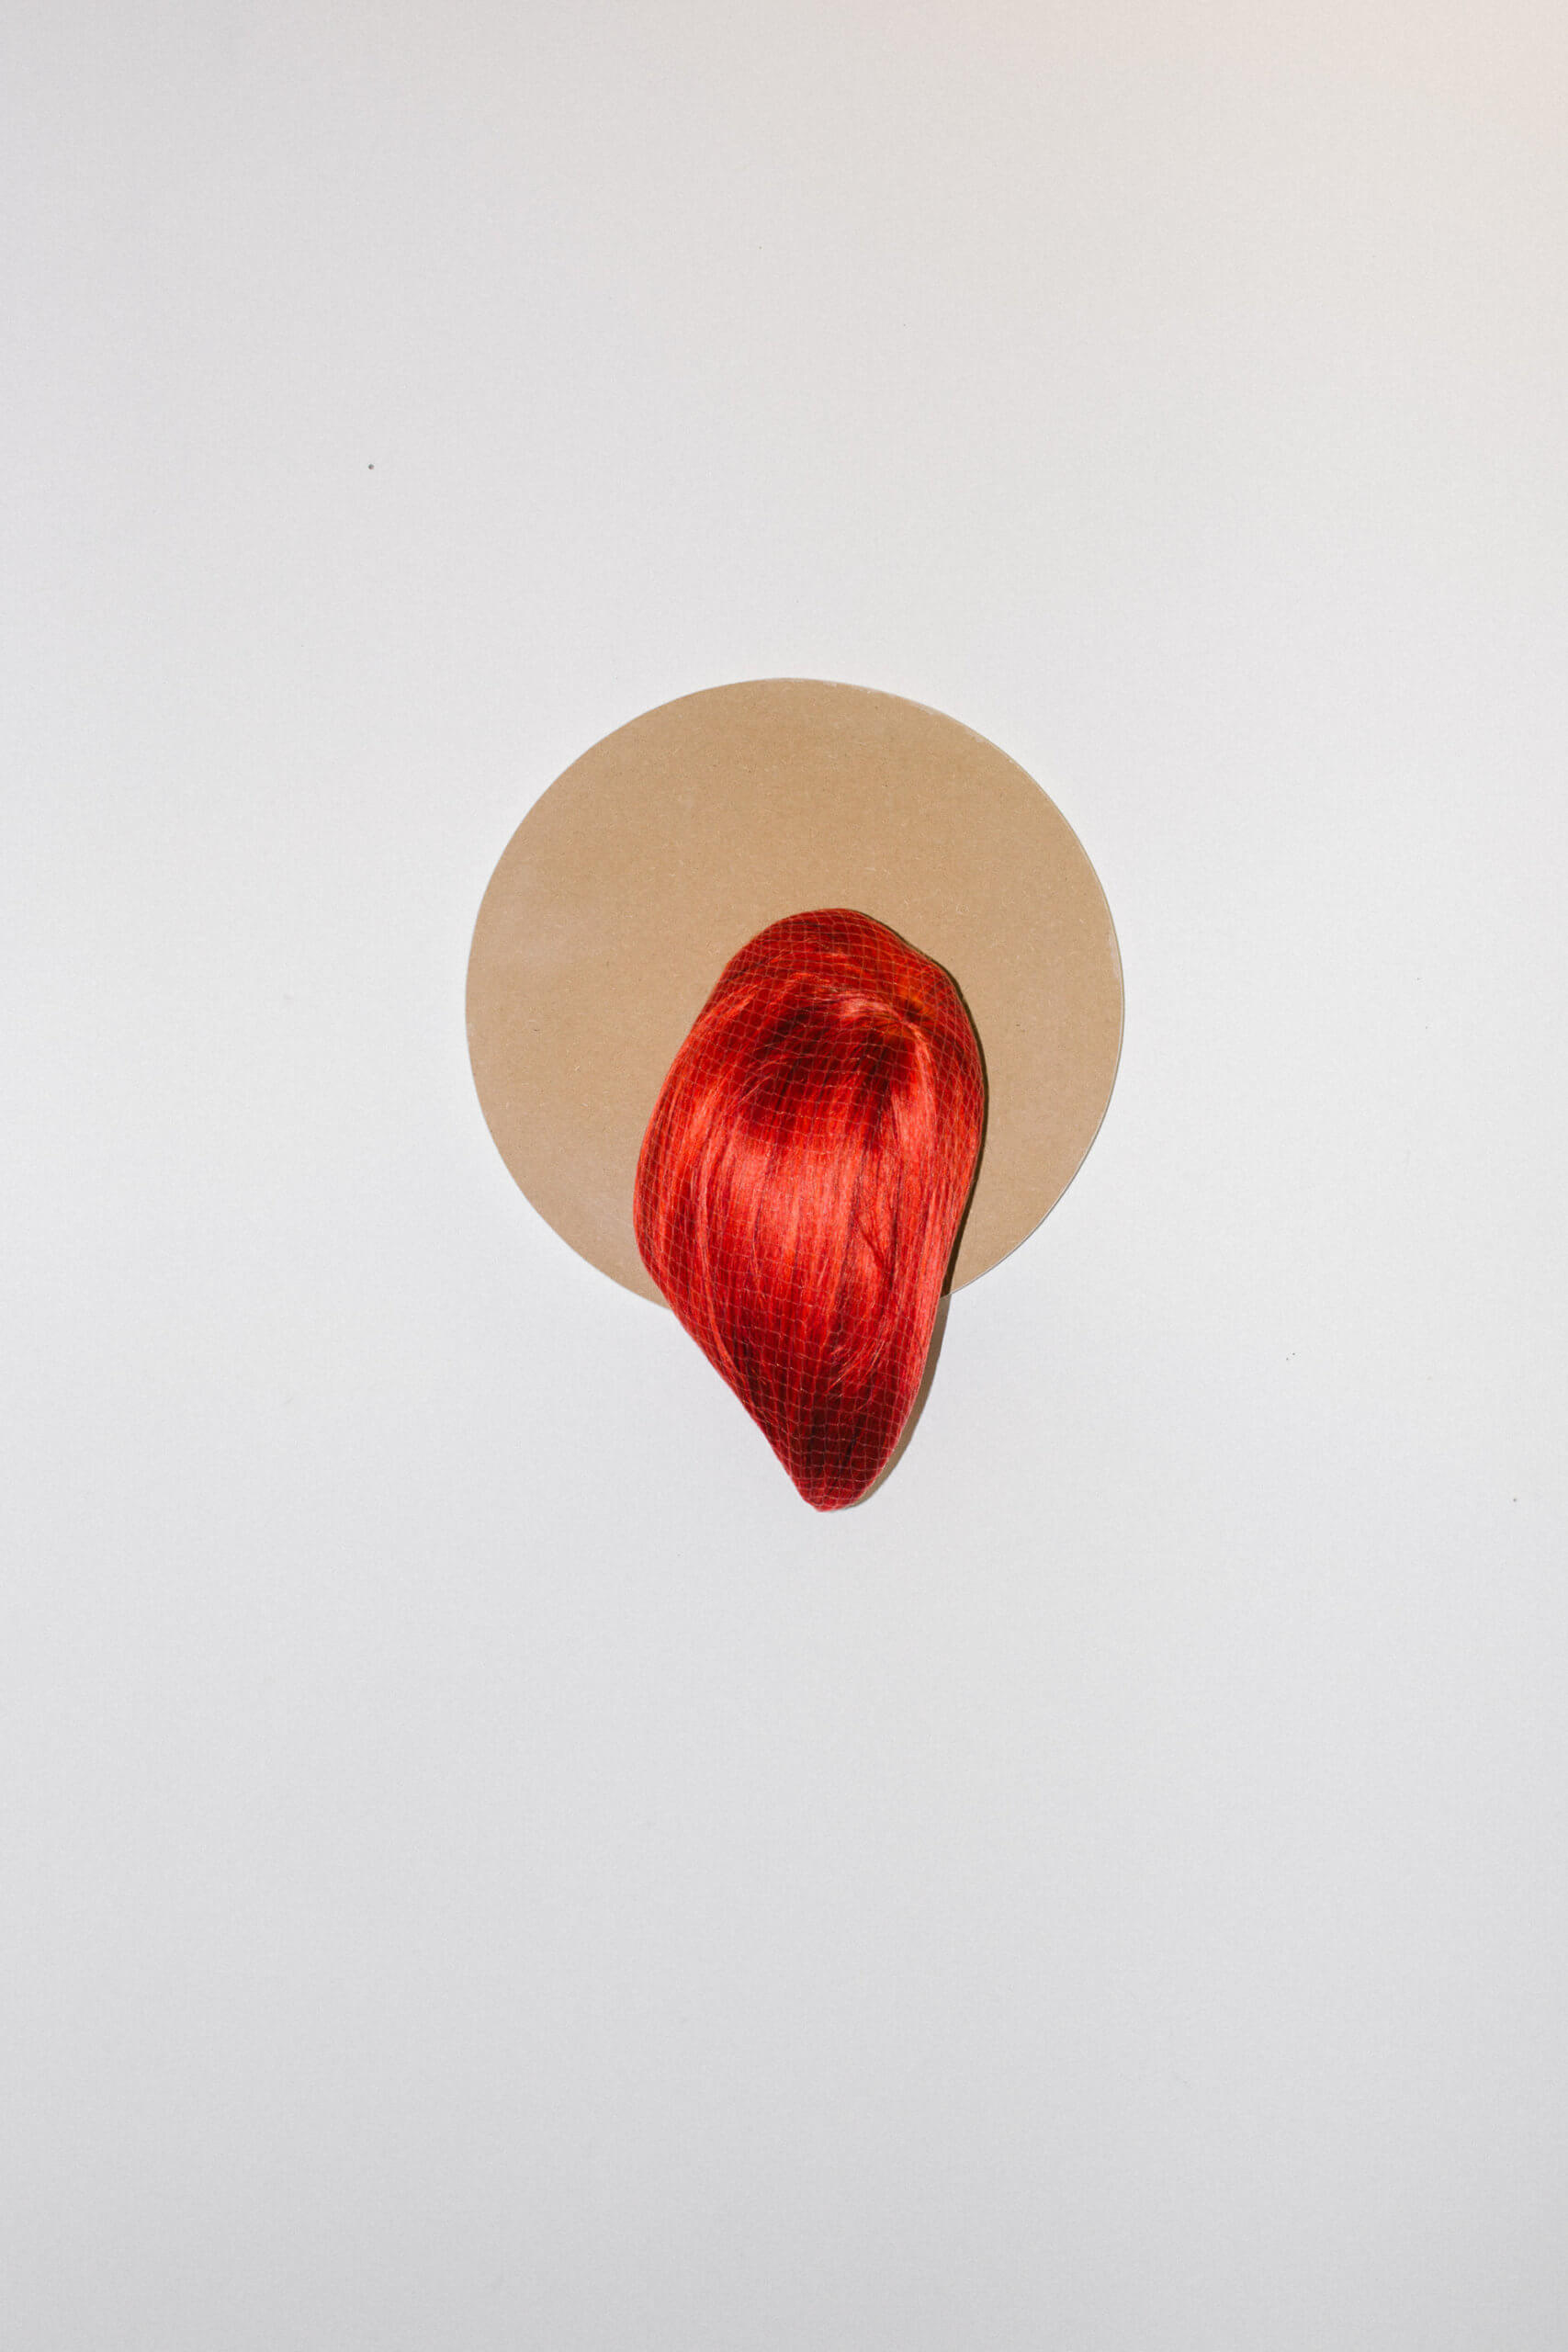 """Die Arbeit aus der Serie """"Burstbilder 2.0"""", von Patricia Linkce, besteht aus einer roten Perücke die an einer braunen, runden Platte befestigt ist, die an der Wand hängt."""